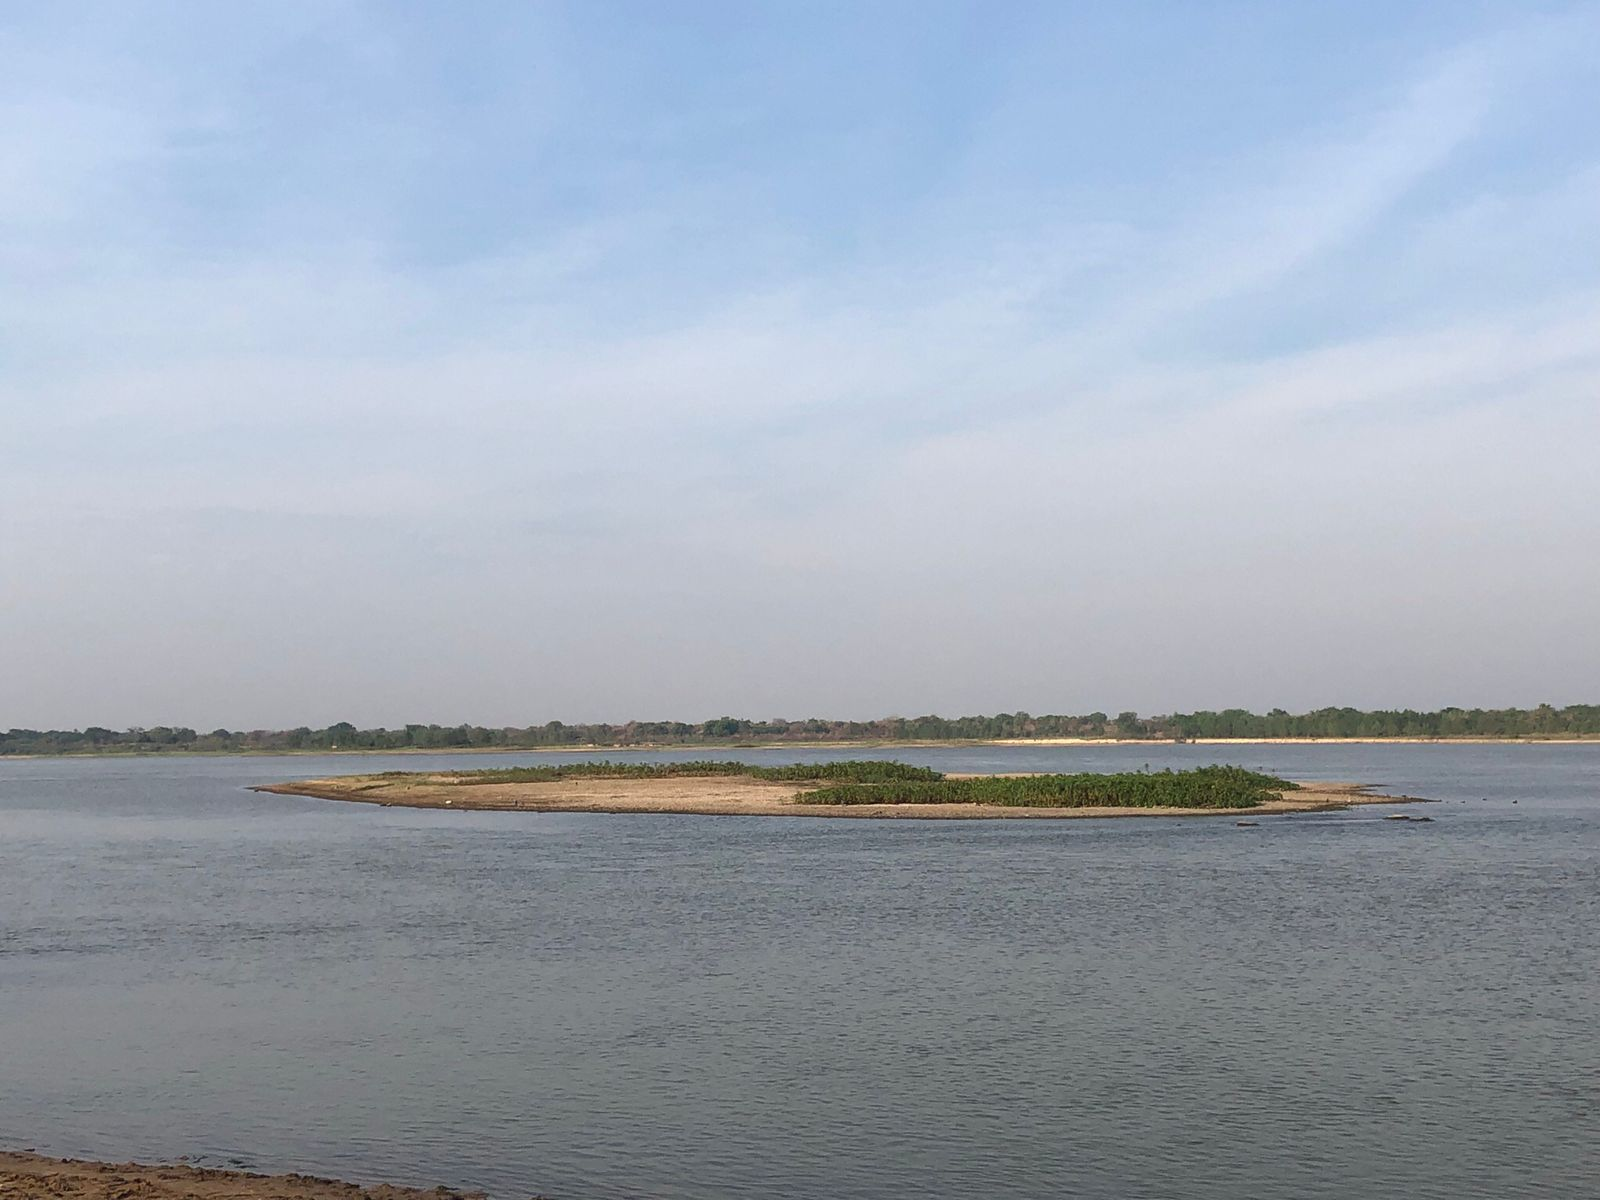 Este banco de arena se ve solo cuando hay una bajante importante del río Paraguay. Está ubicado en las cercanías del puerto antiguo de Concepción.